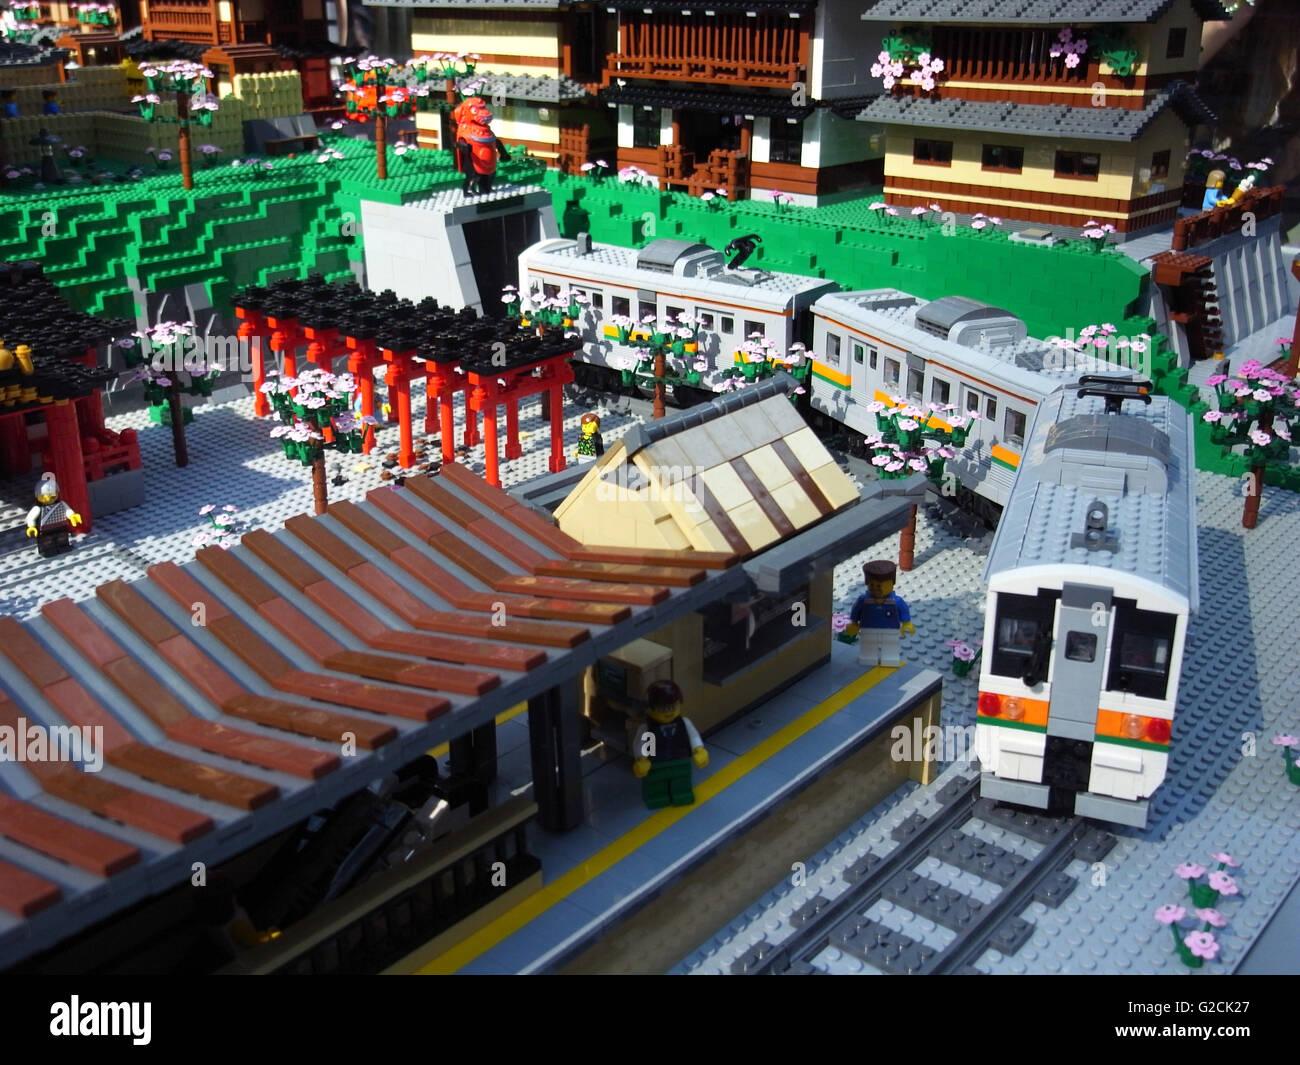 Amusant De Station Jr Japon Jour Transport Le Jouet City Train Lego kuZiPX